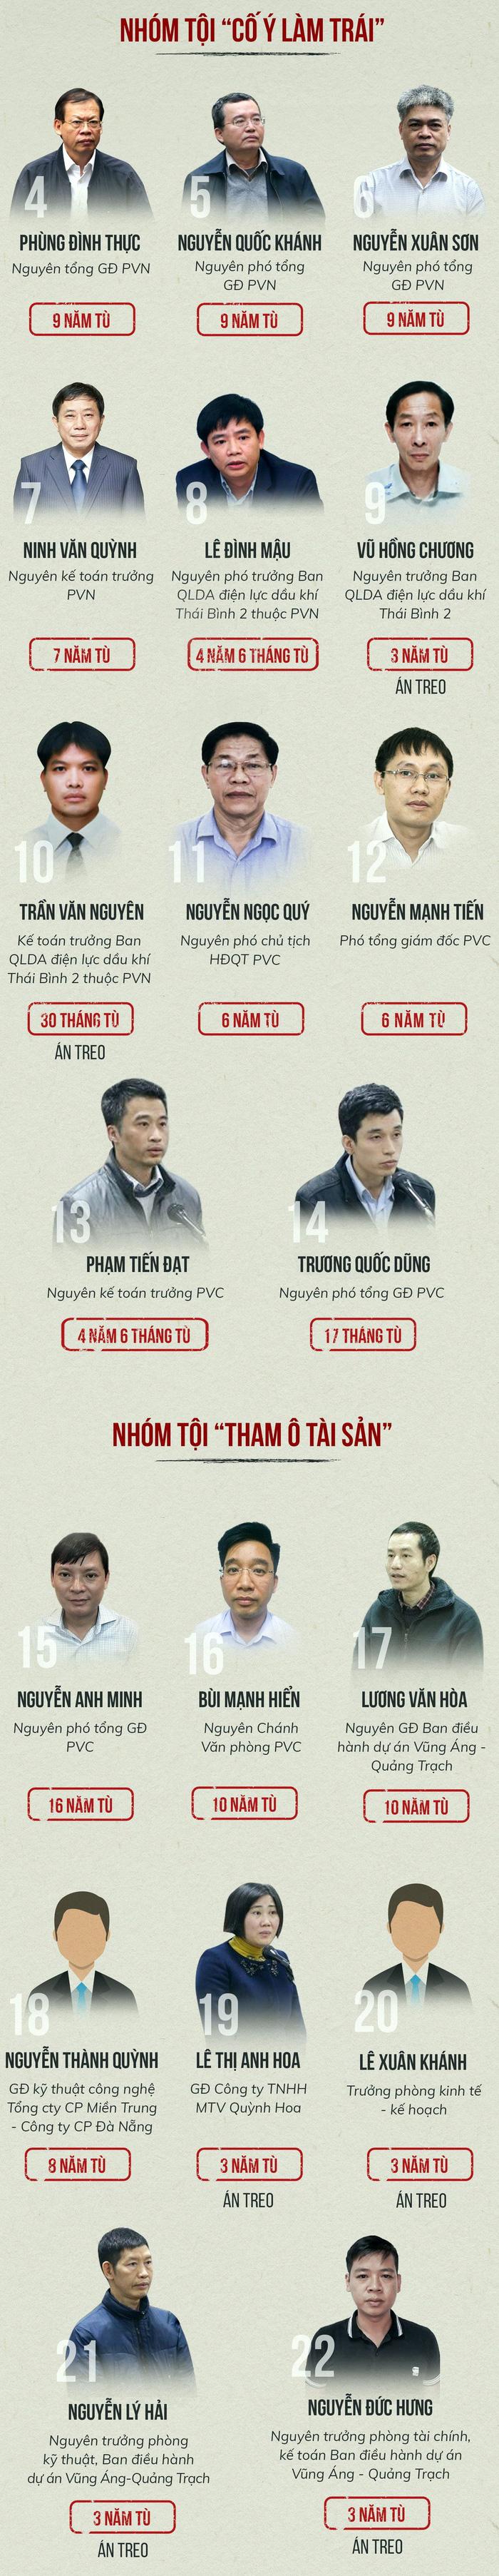 Phạt ông Đinh La Thăng 13 năm tù, ông Trịnh Xuân Thanh tù chung thân - Ảnh 5.